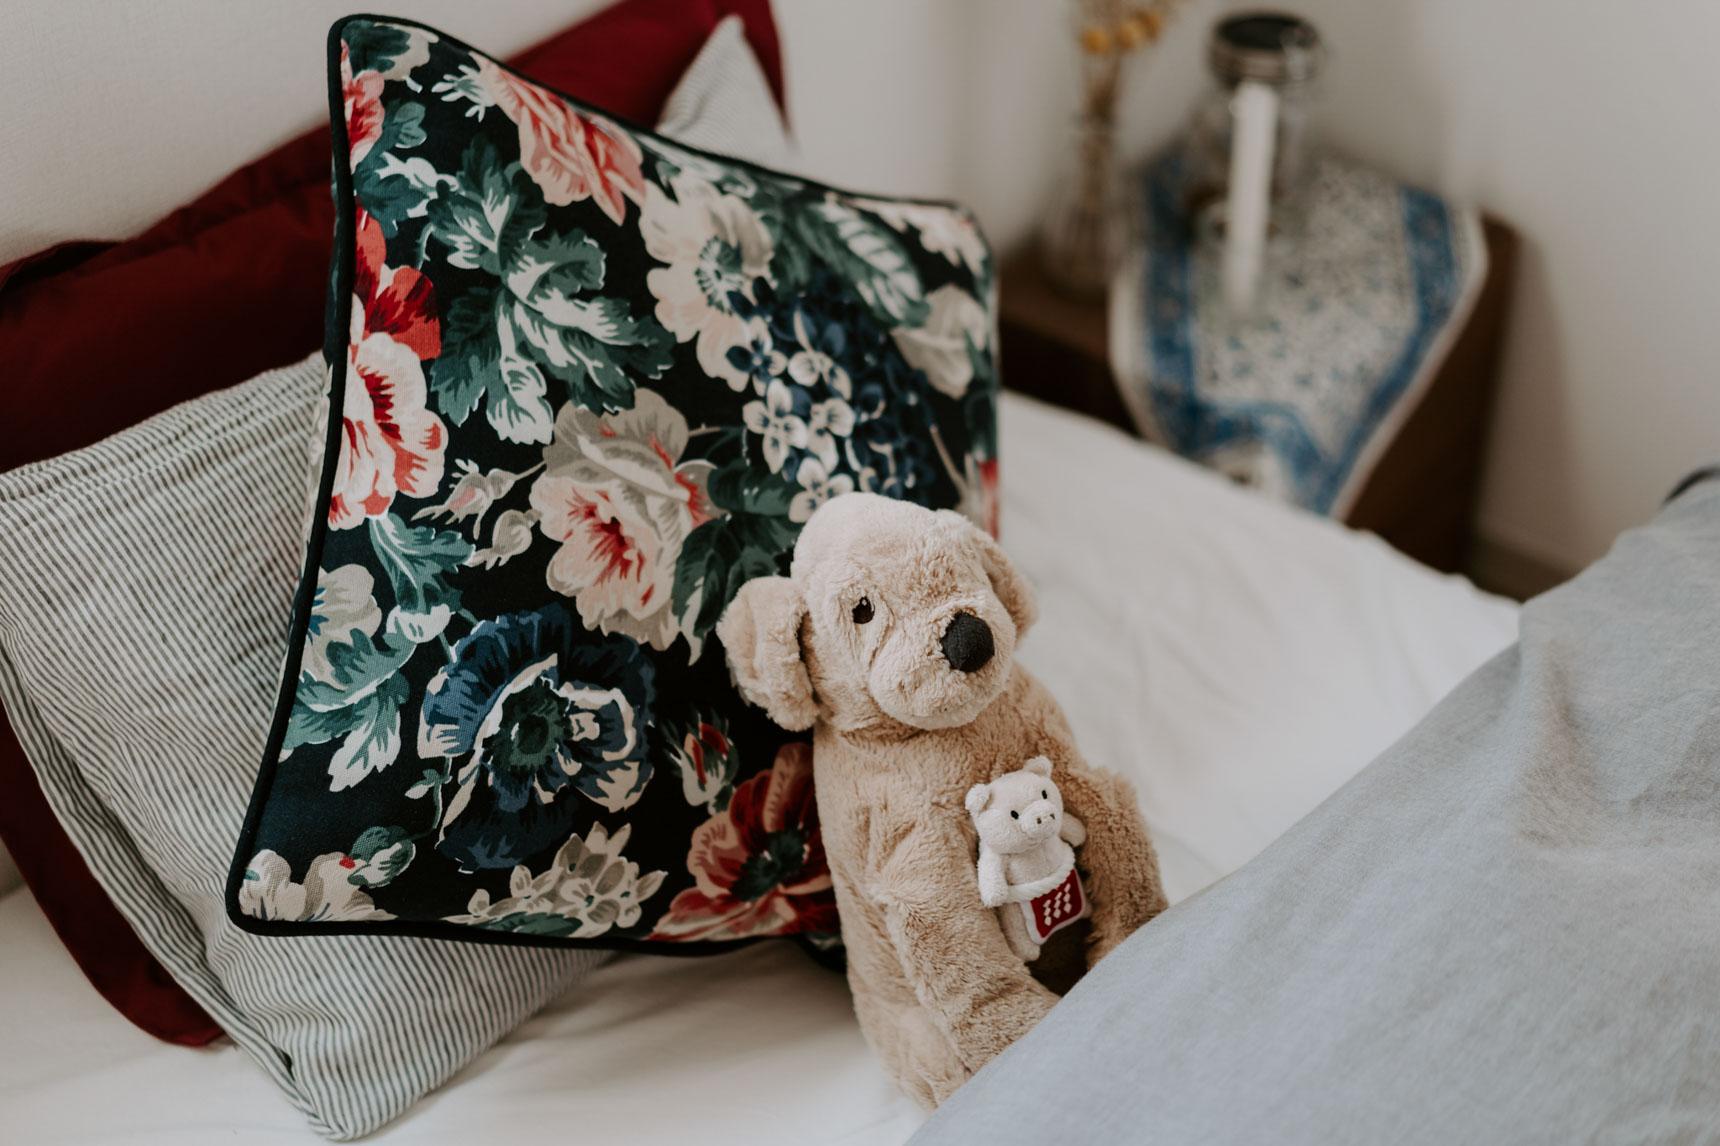 unicoで買ったお気に入りのラグをメインに、合わせる布を決めていったというおにょこさん。特に気に入っているベッド周りは、深みのあるカラーのクッションや